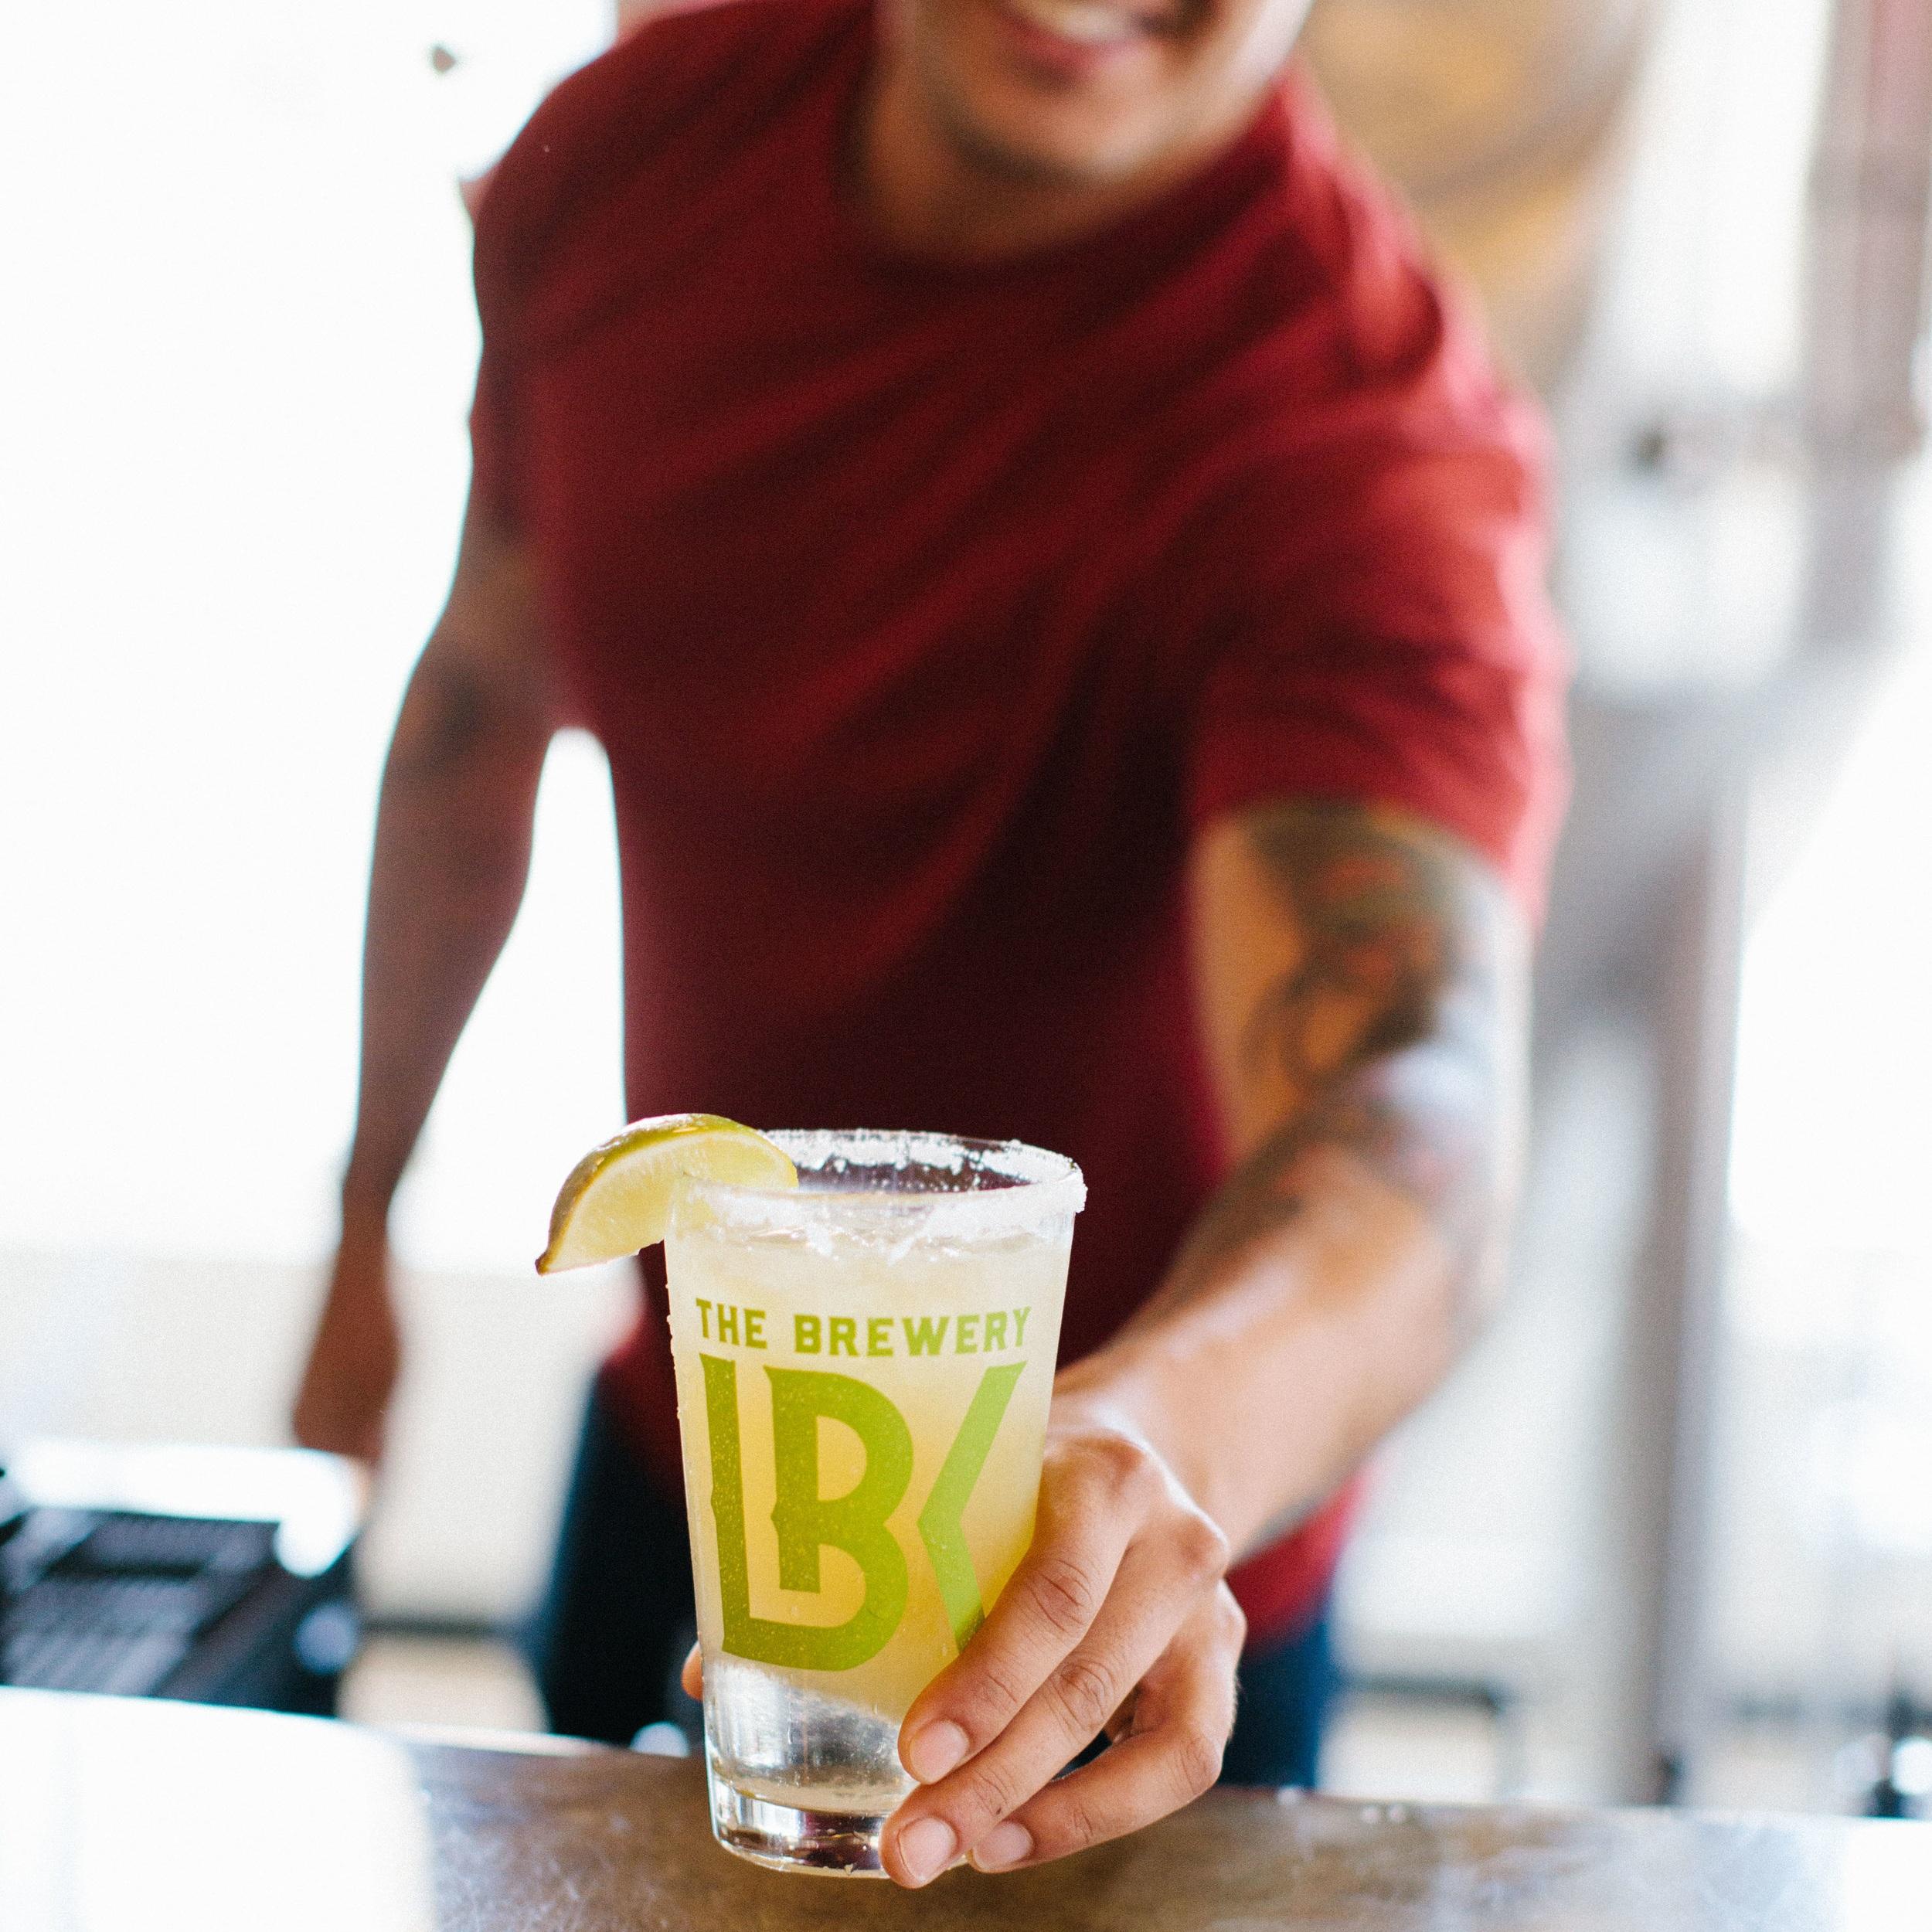 Brewery LBK - Coming Soon!